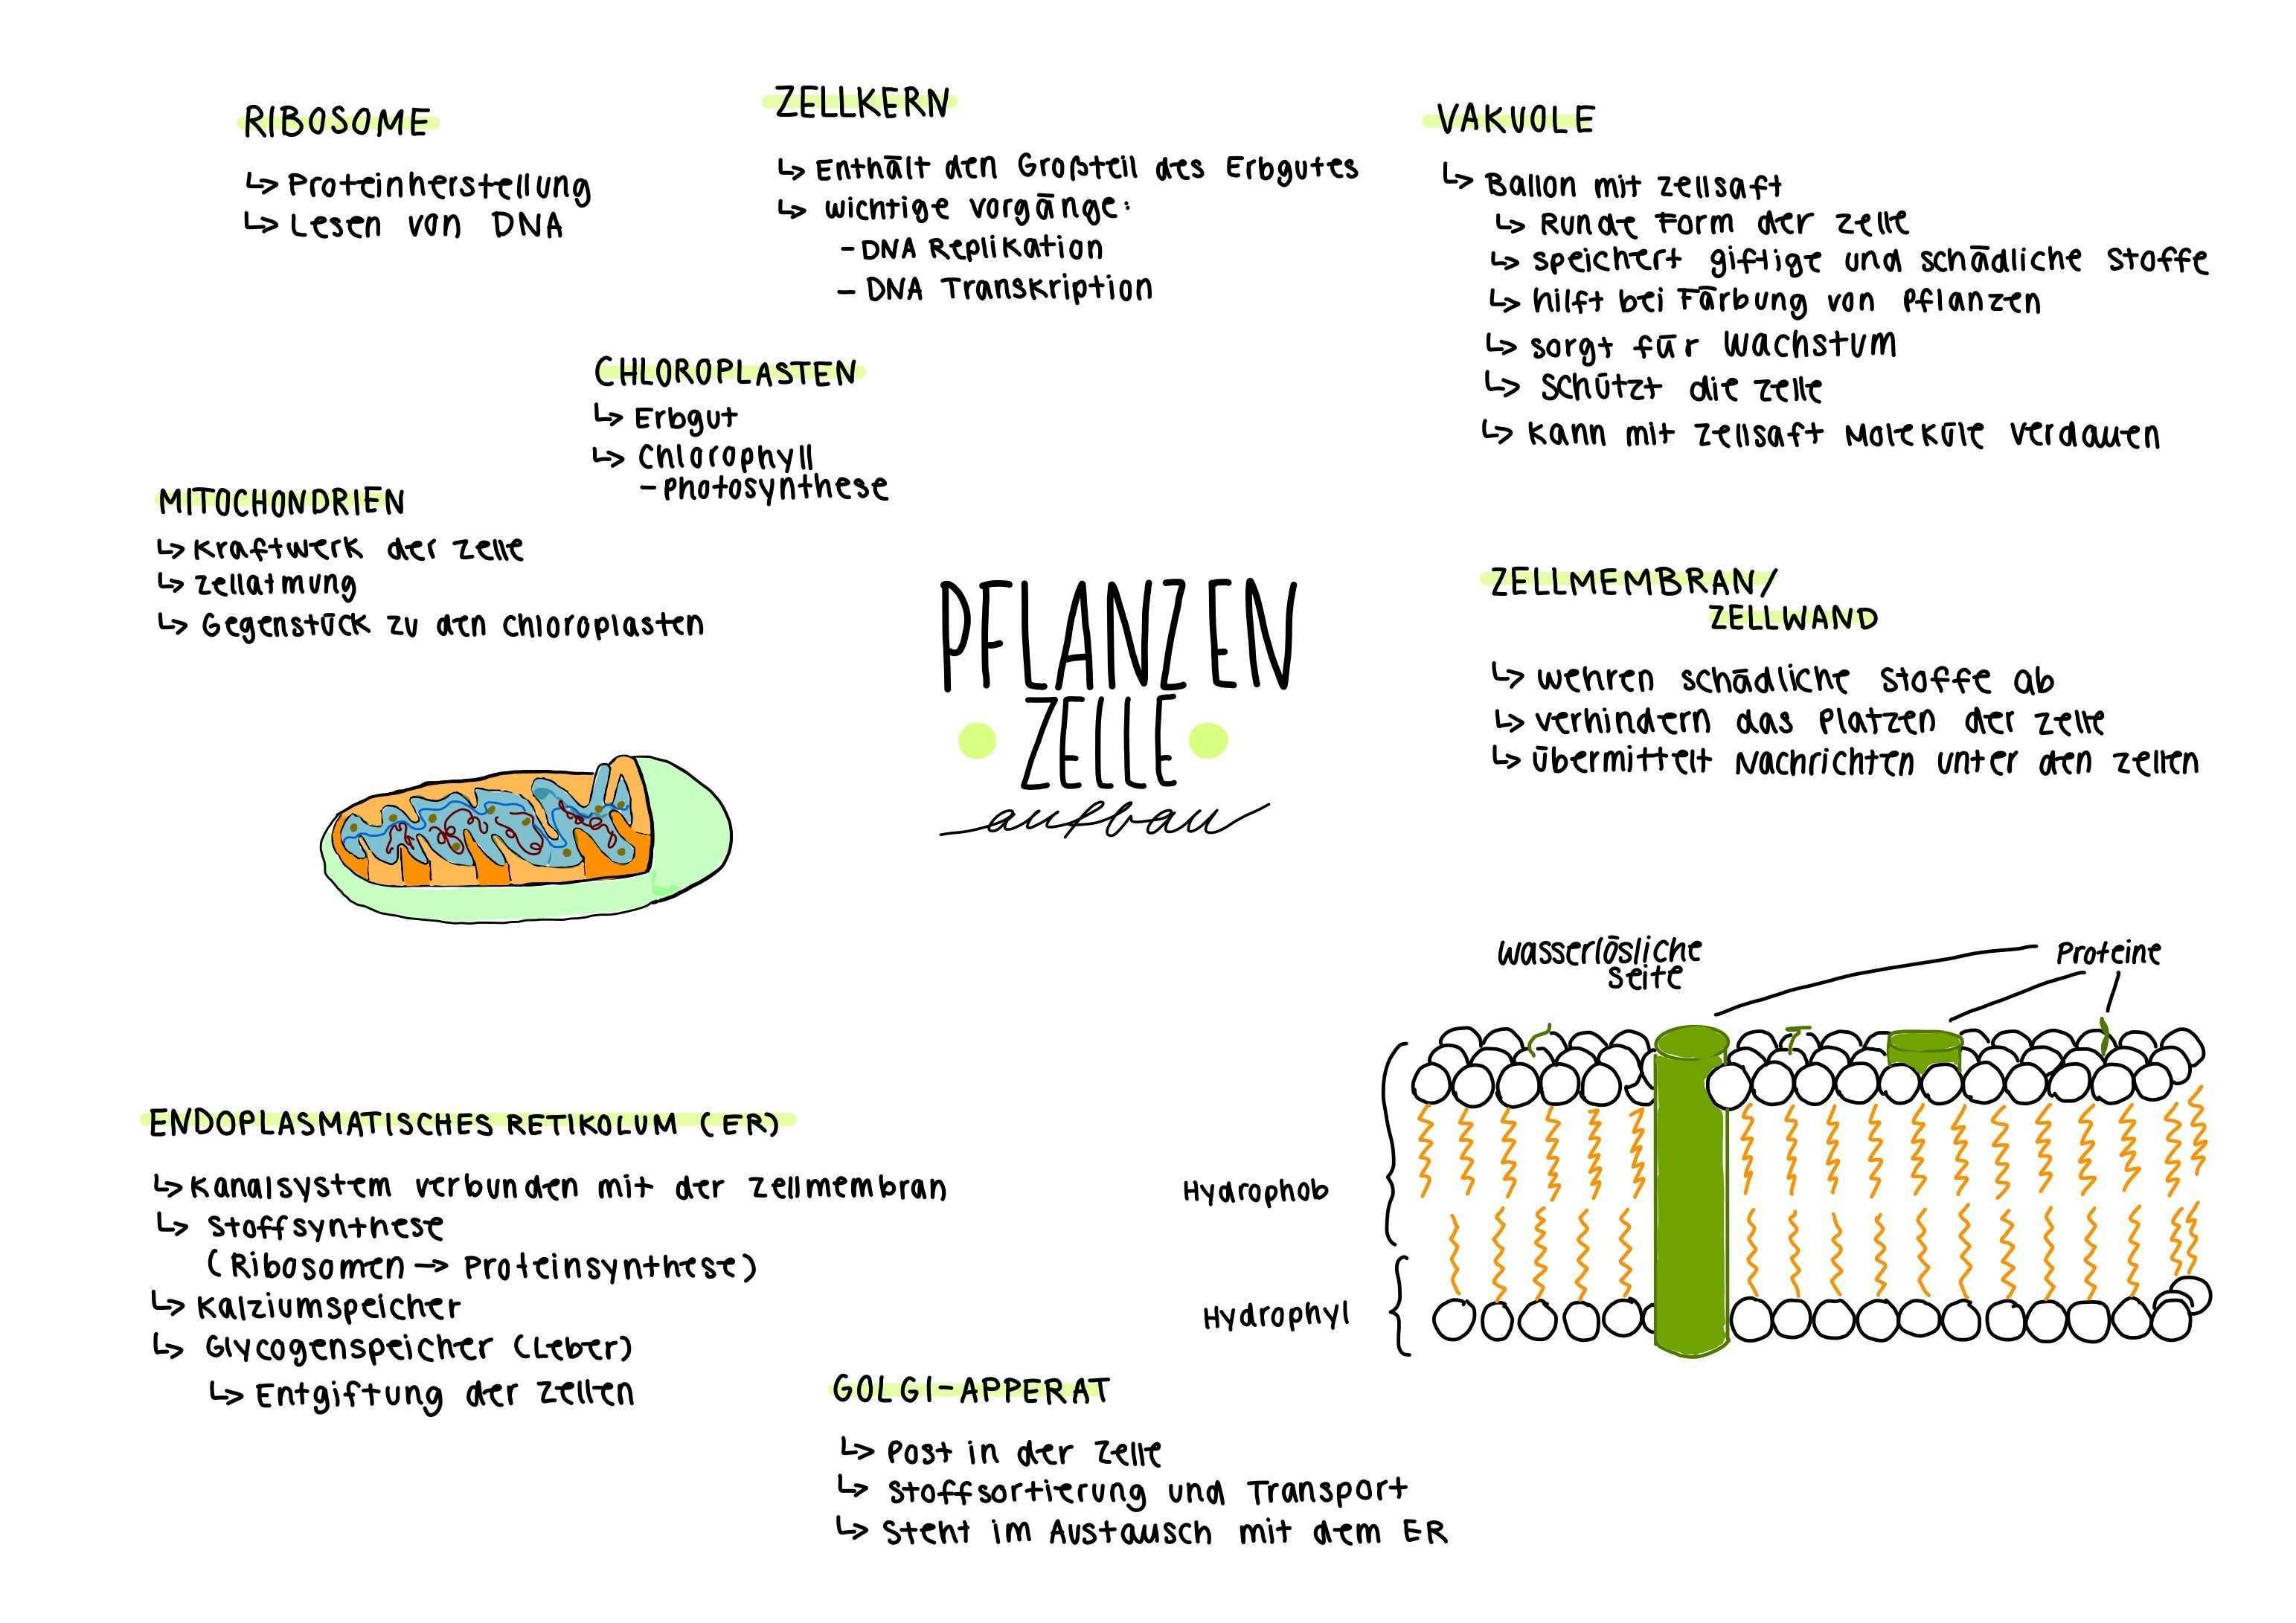 Biologie Ipad Notizen Pflanzenzelle Lernen Tipps Schule Biologie Unterrichten Biologie